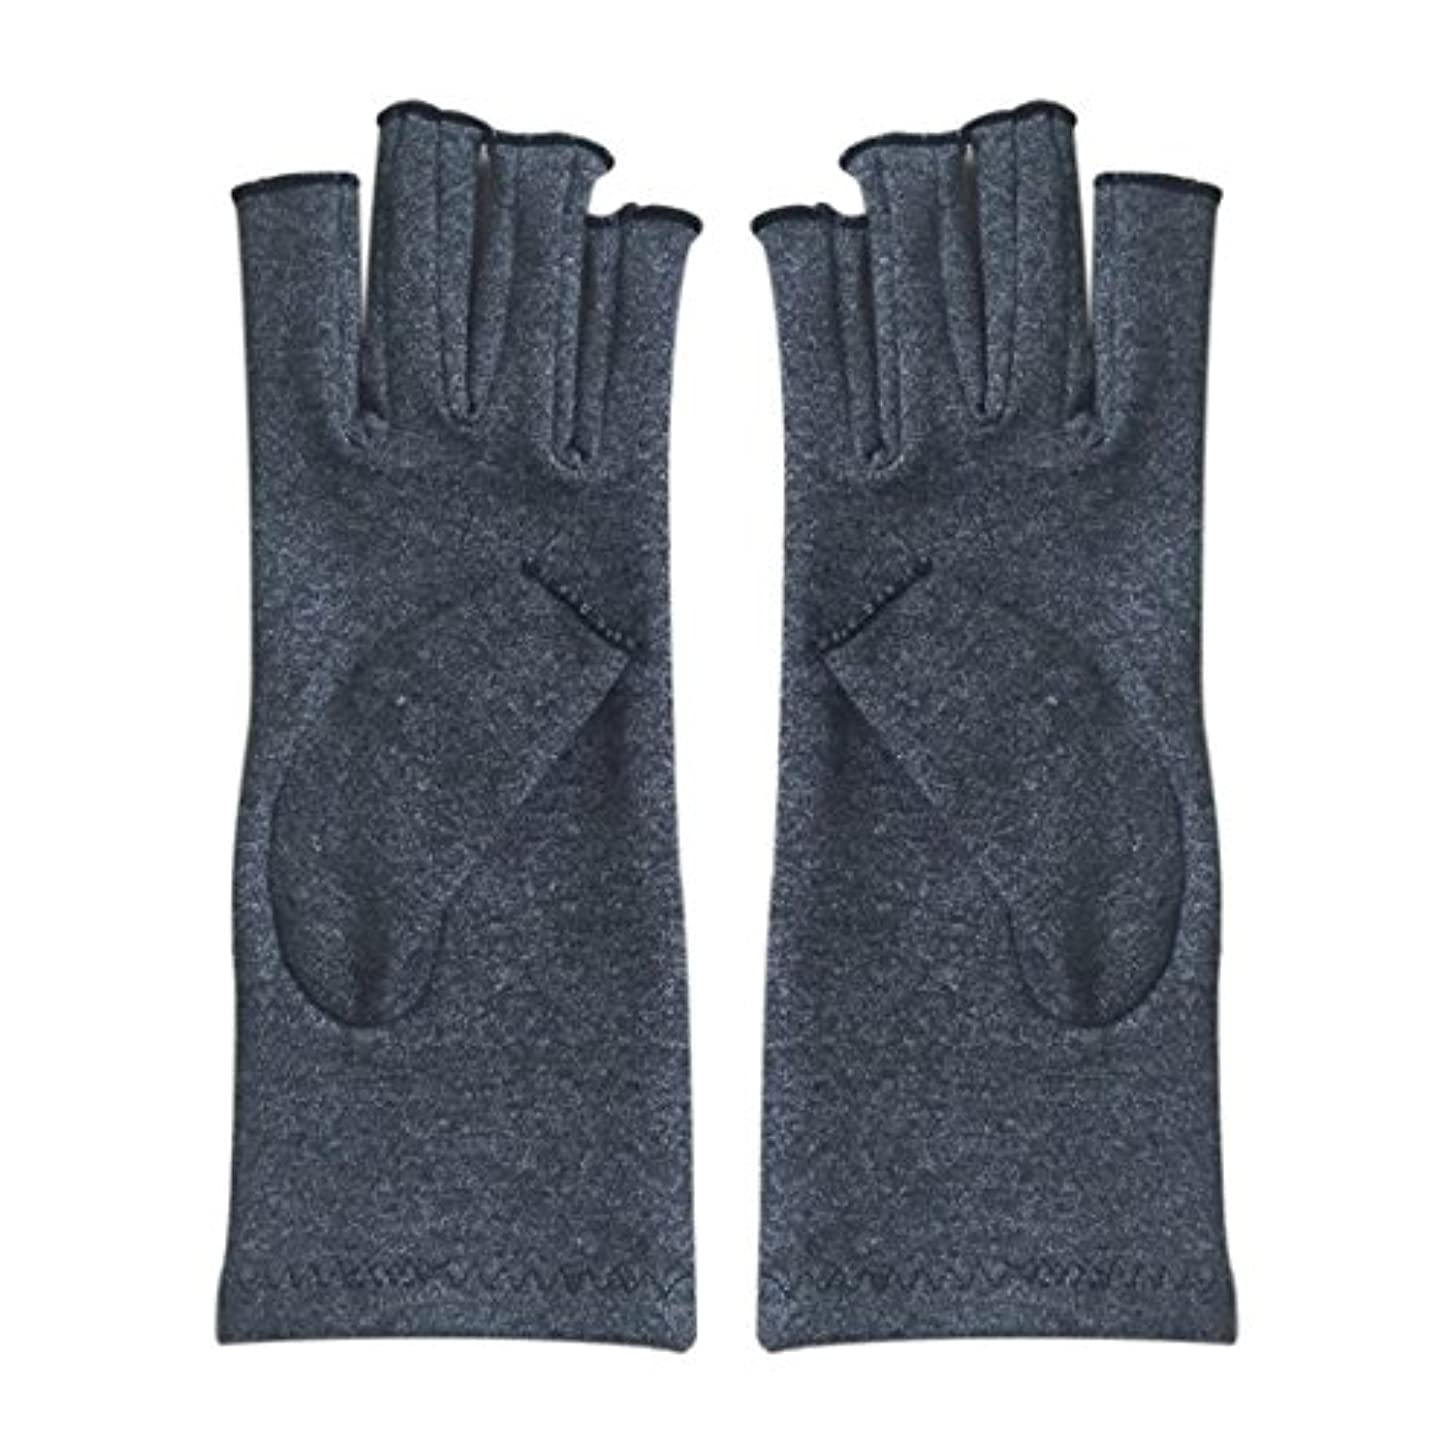 まで余裕がある選択CUHAWUDBA 1ペア成人男性女性用弾性コットンコンプレッション手袋手関節炎関節痛鎮痛軽減S -灰色、S